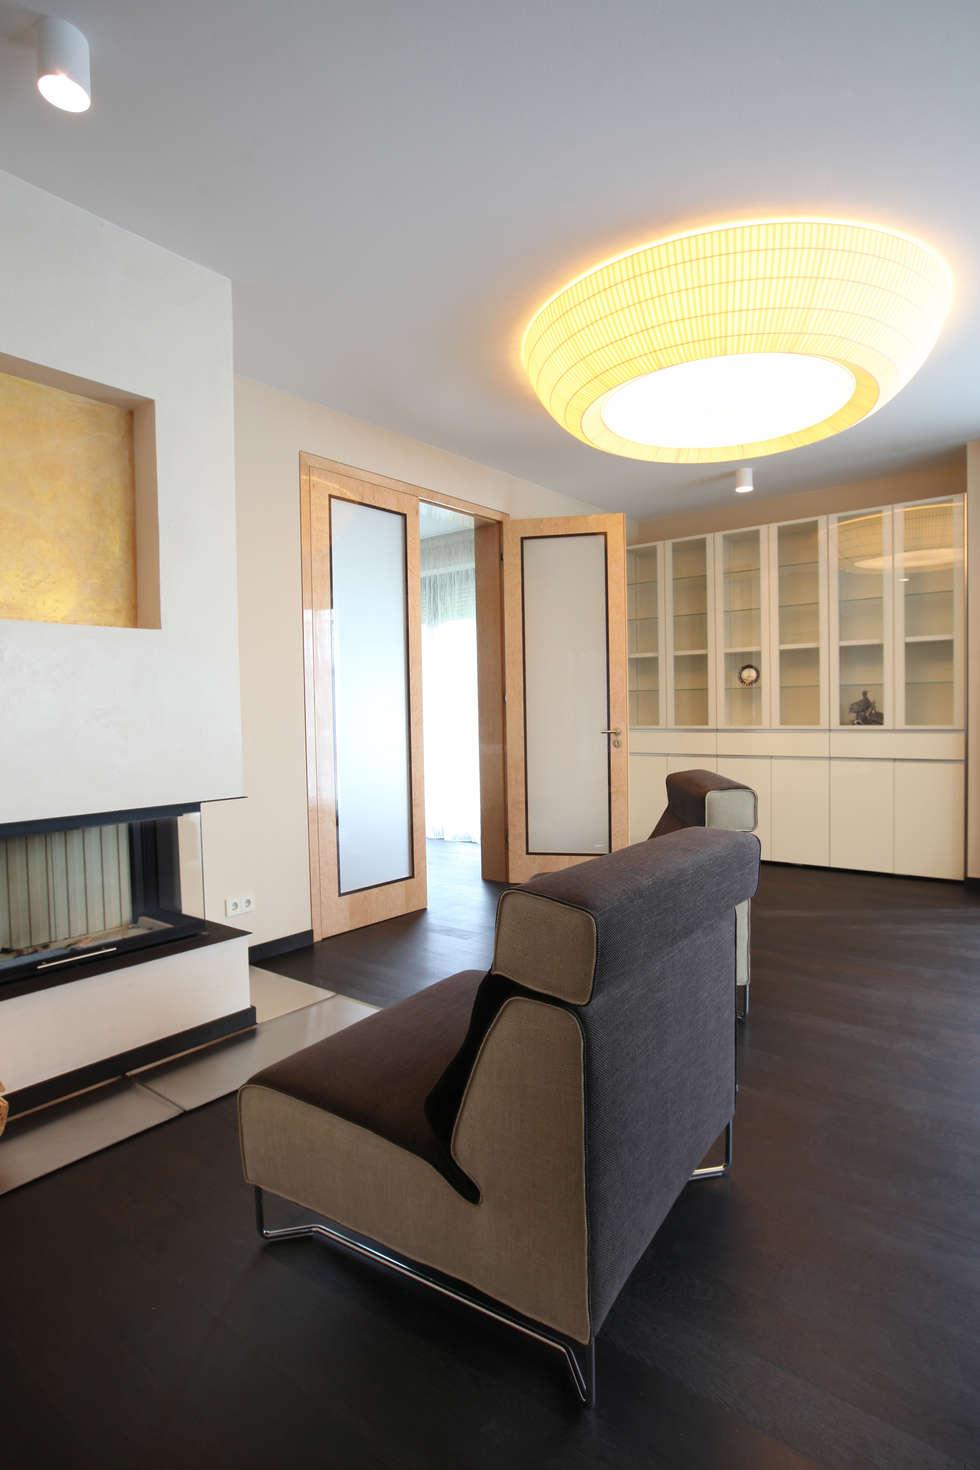 Гостиная, каминная зона: Гостиная в . Автор – Архитектурное бюро Лены Гординой